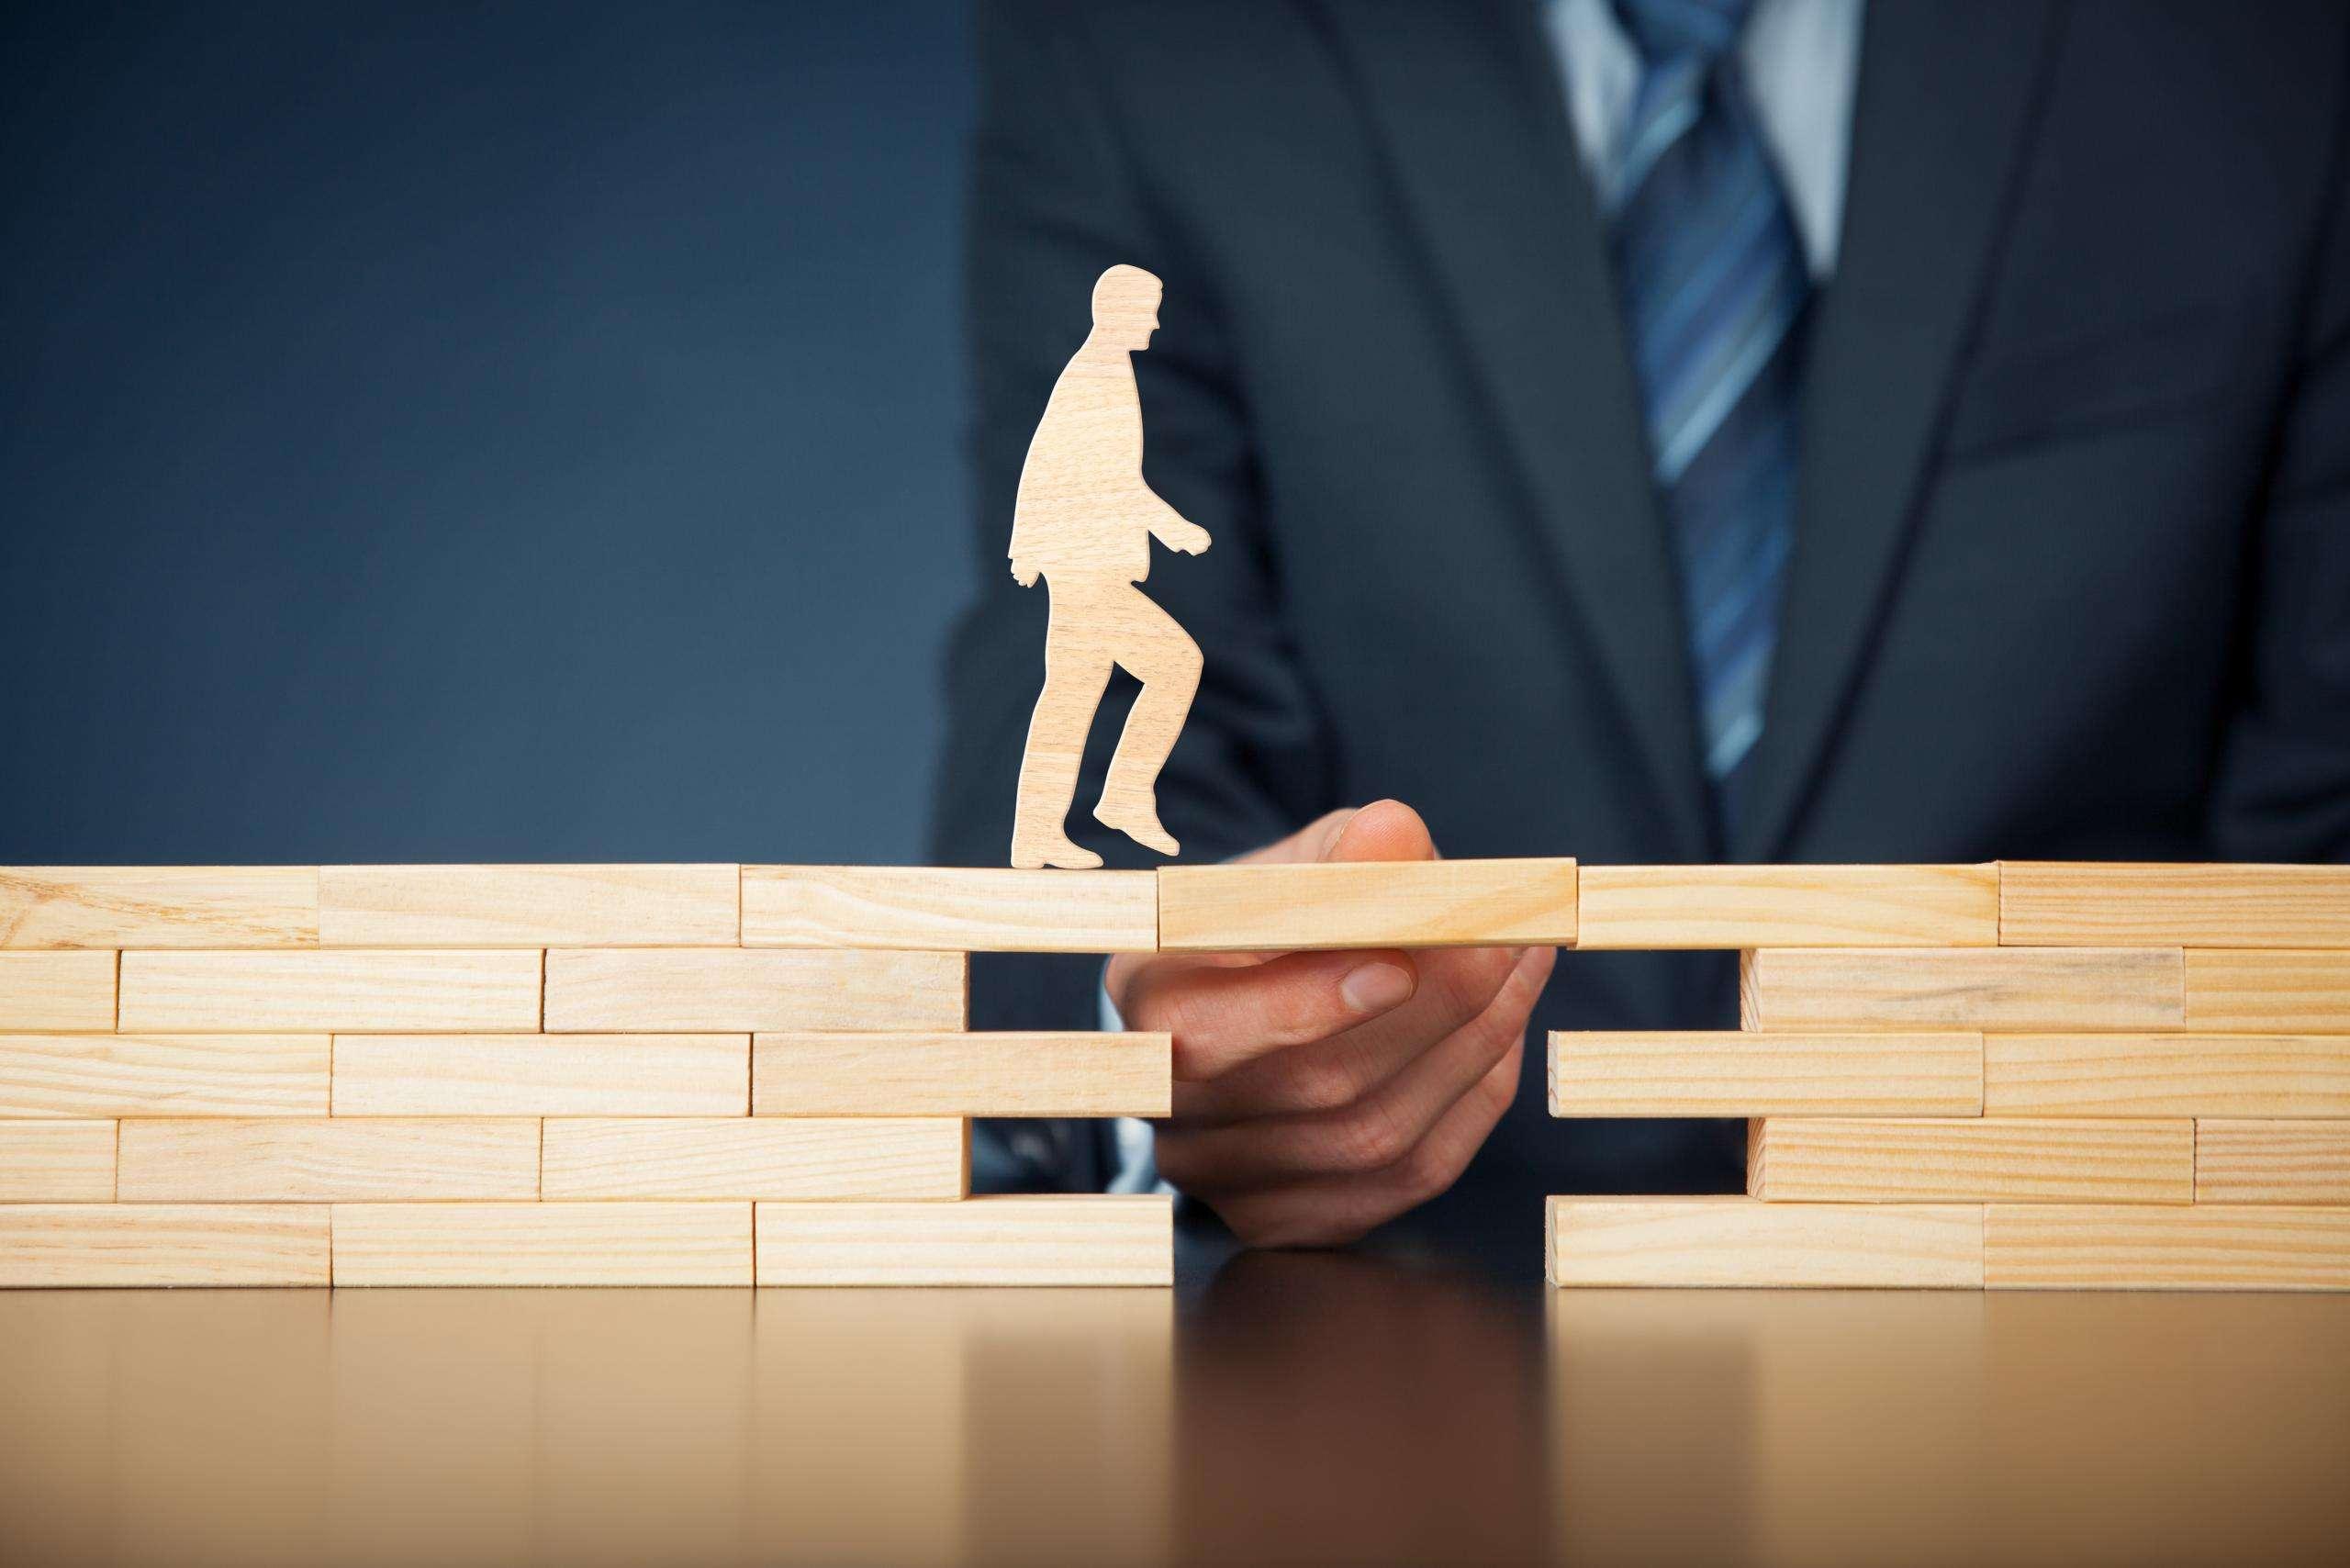 Tầm quan trọng của việc giải quyết vấn đề đối với các nhà quản lý tiềm năng